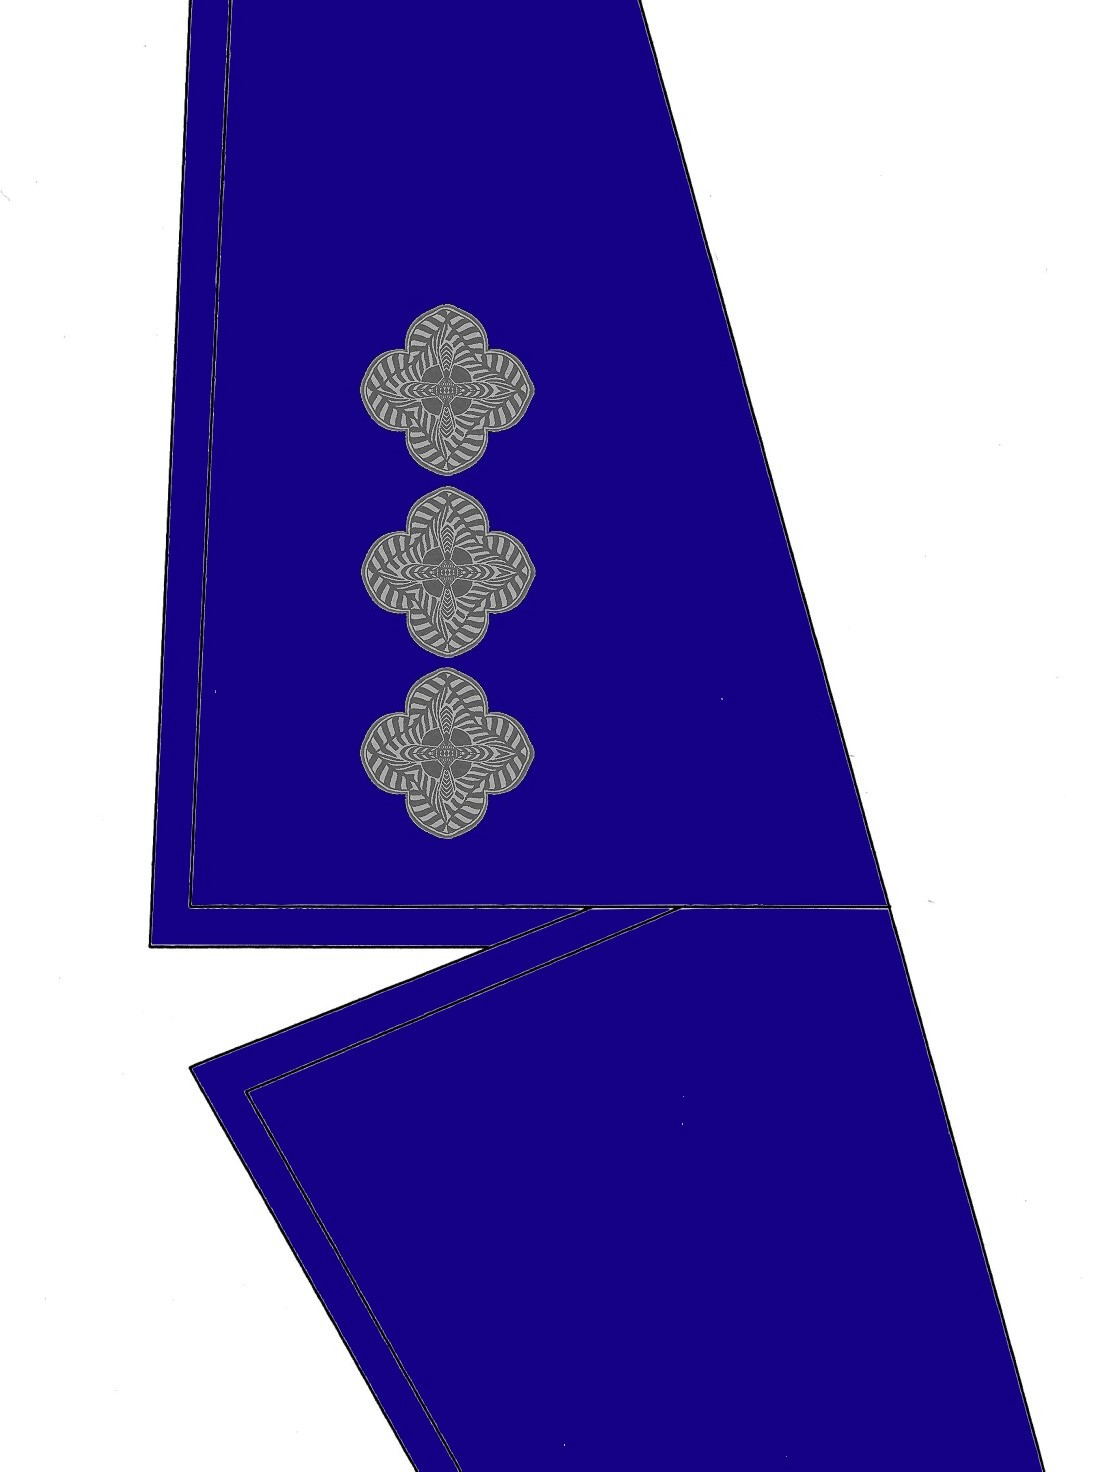 04-kragen-rangabzeichen-zugsfuehrer-hg-blau